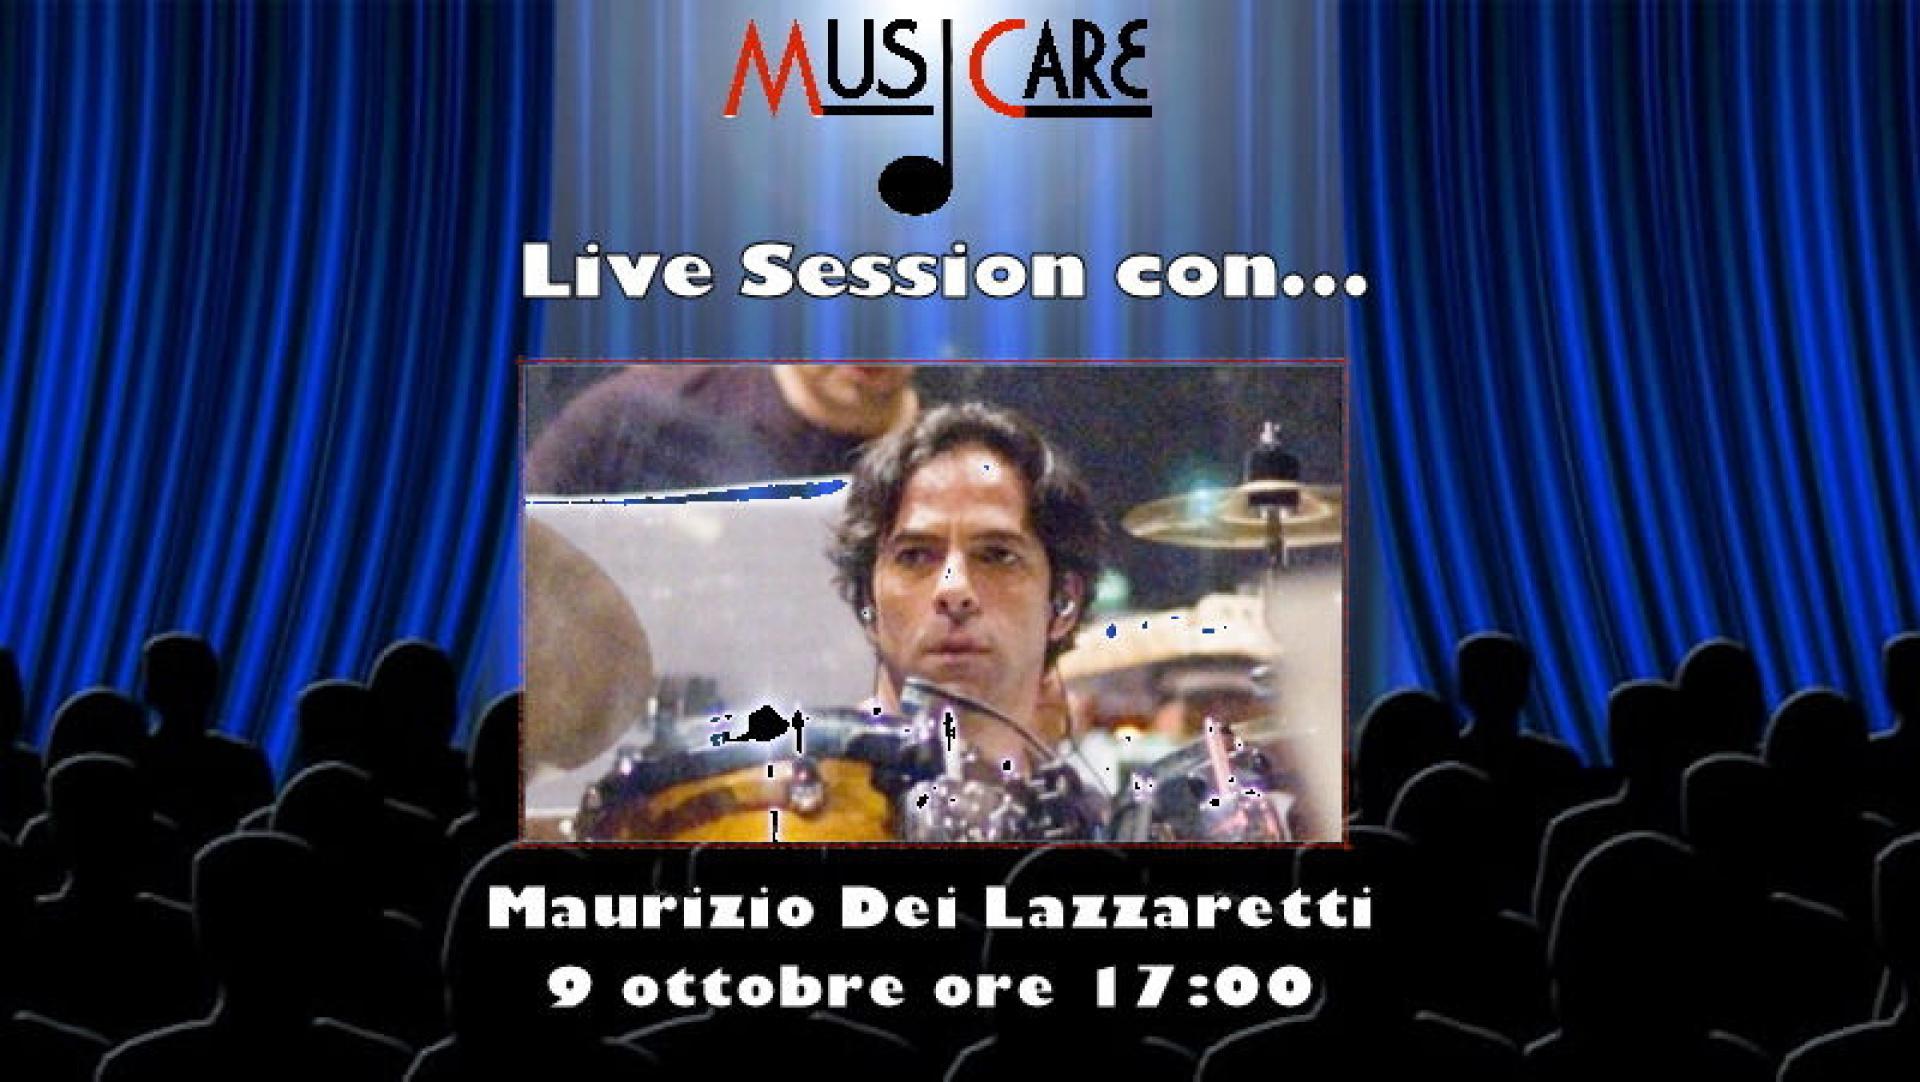 Maurizio Dei Lazzaretti